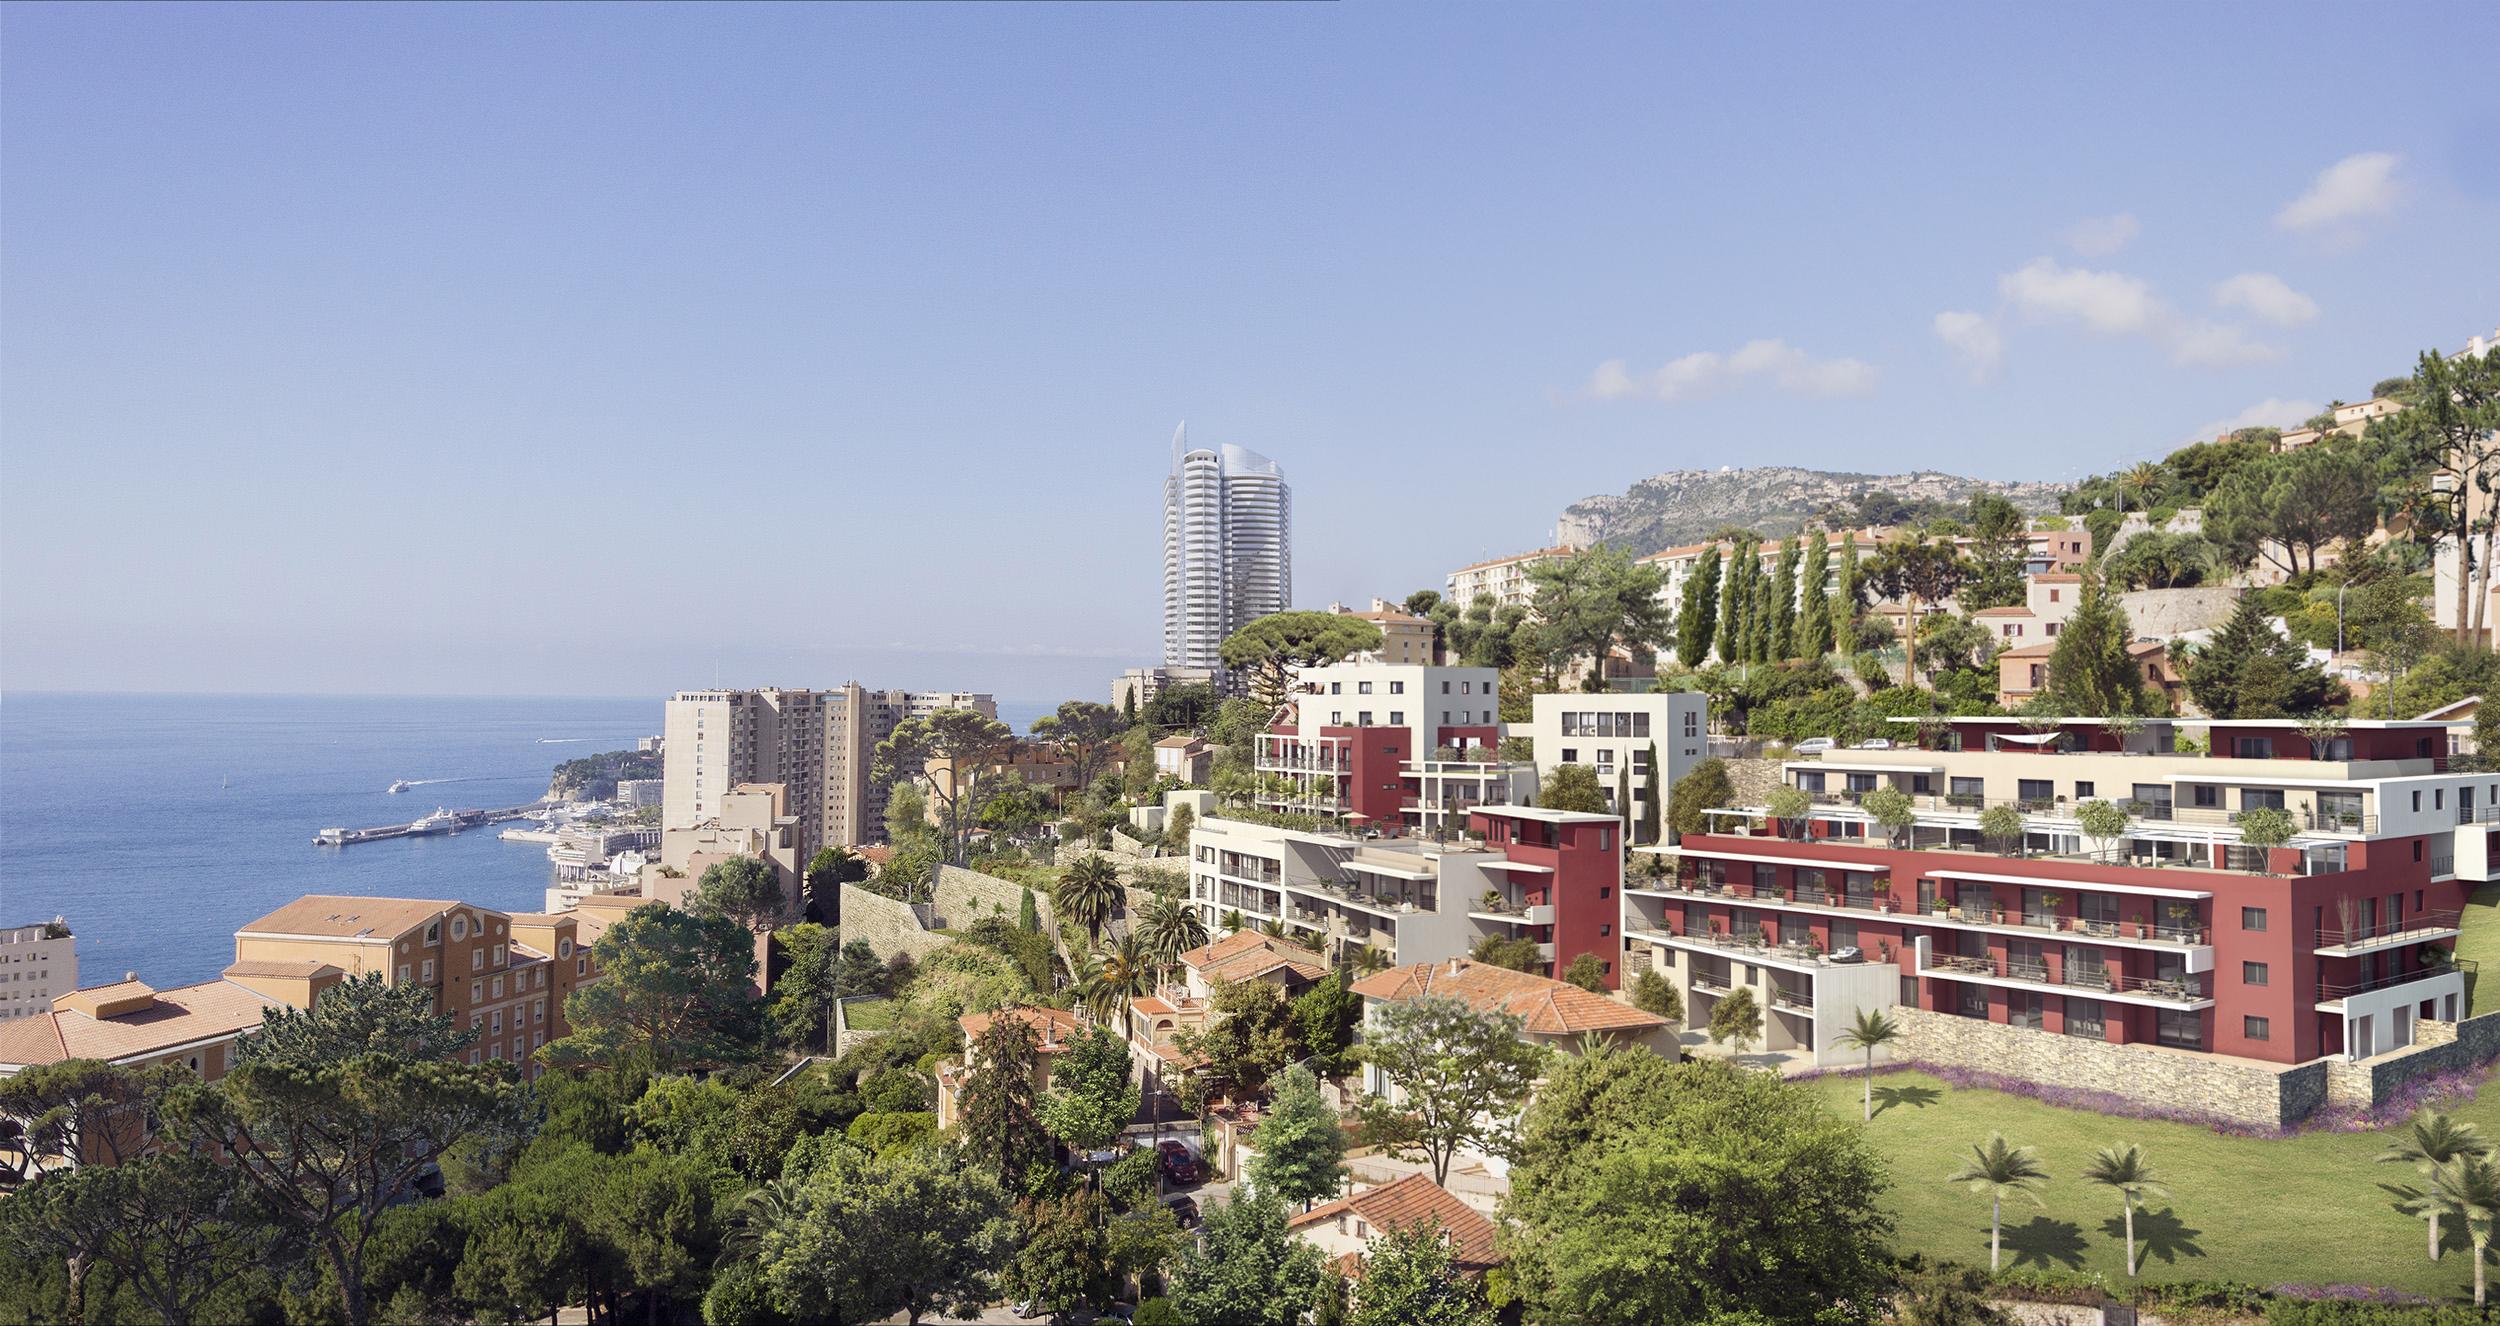 Résidence Monte Coast View